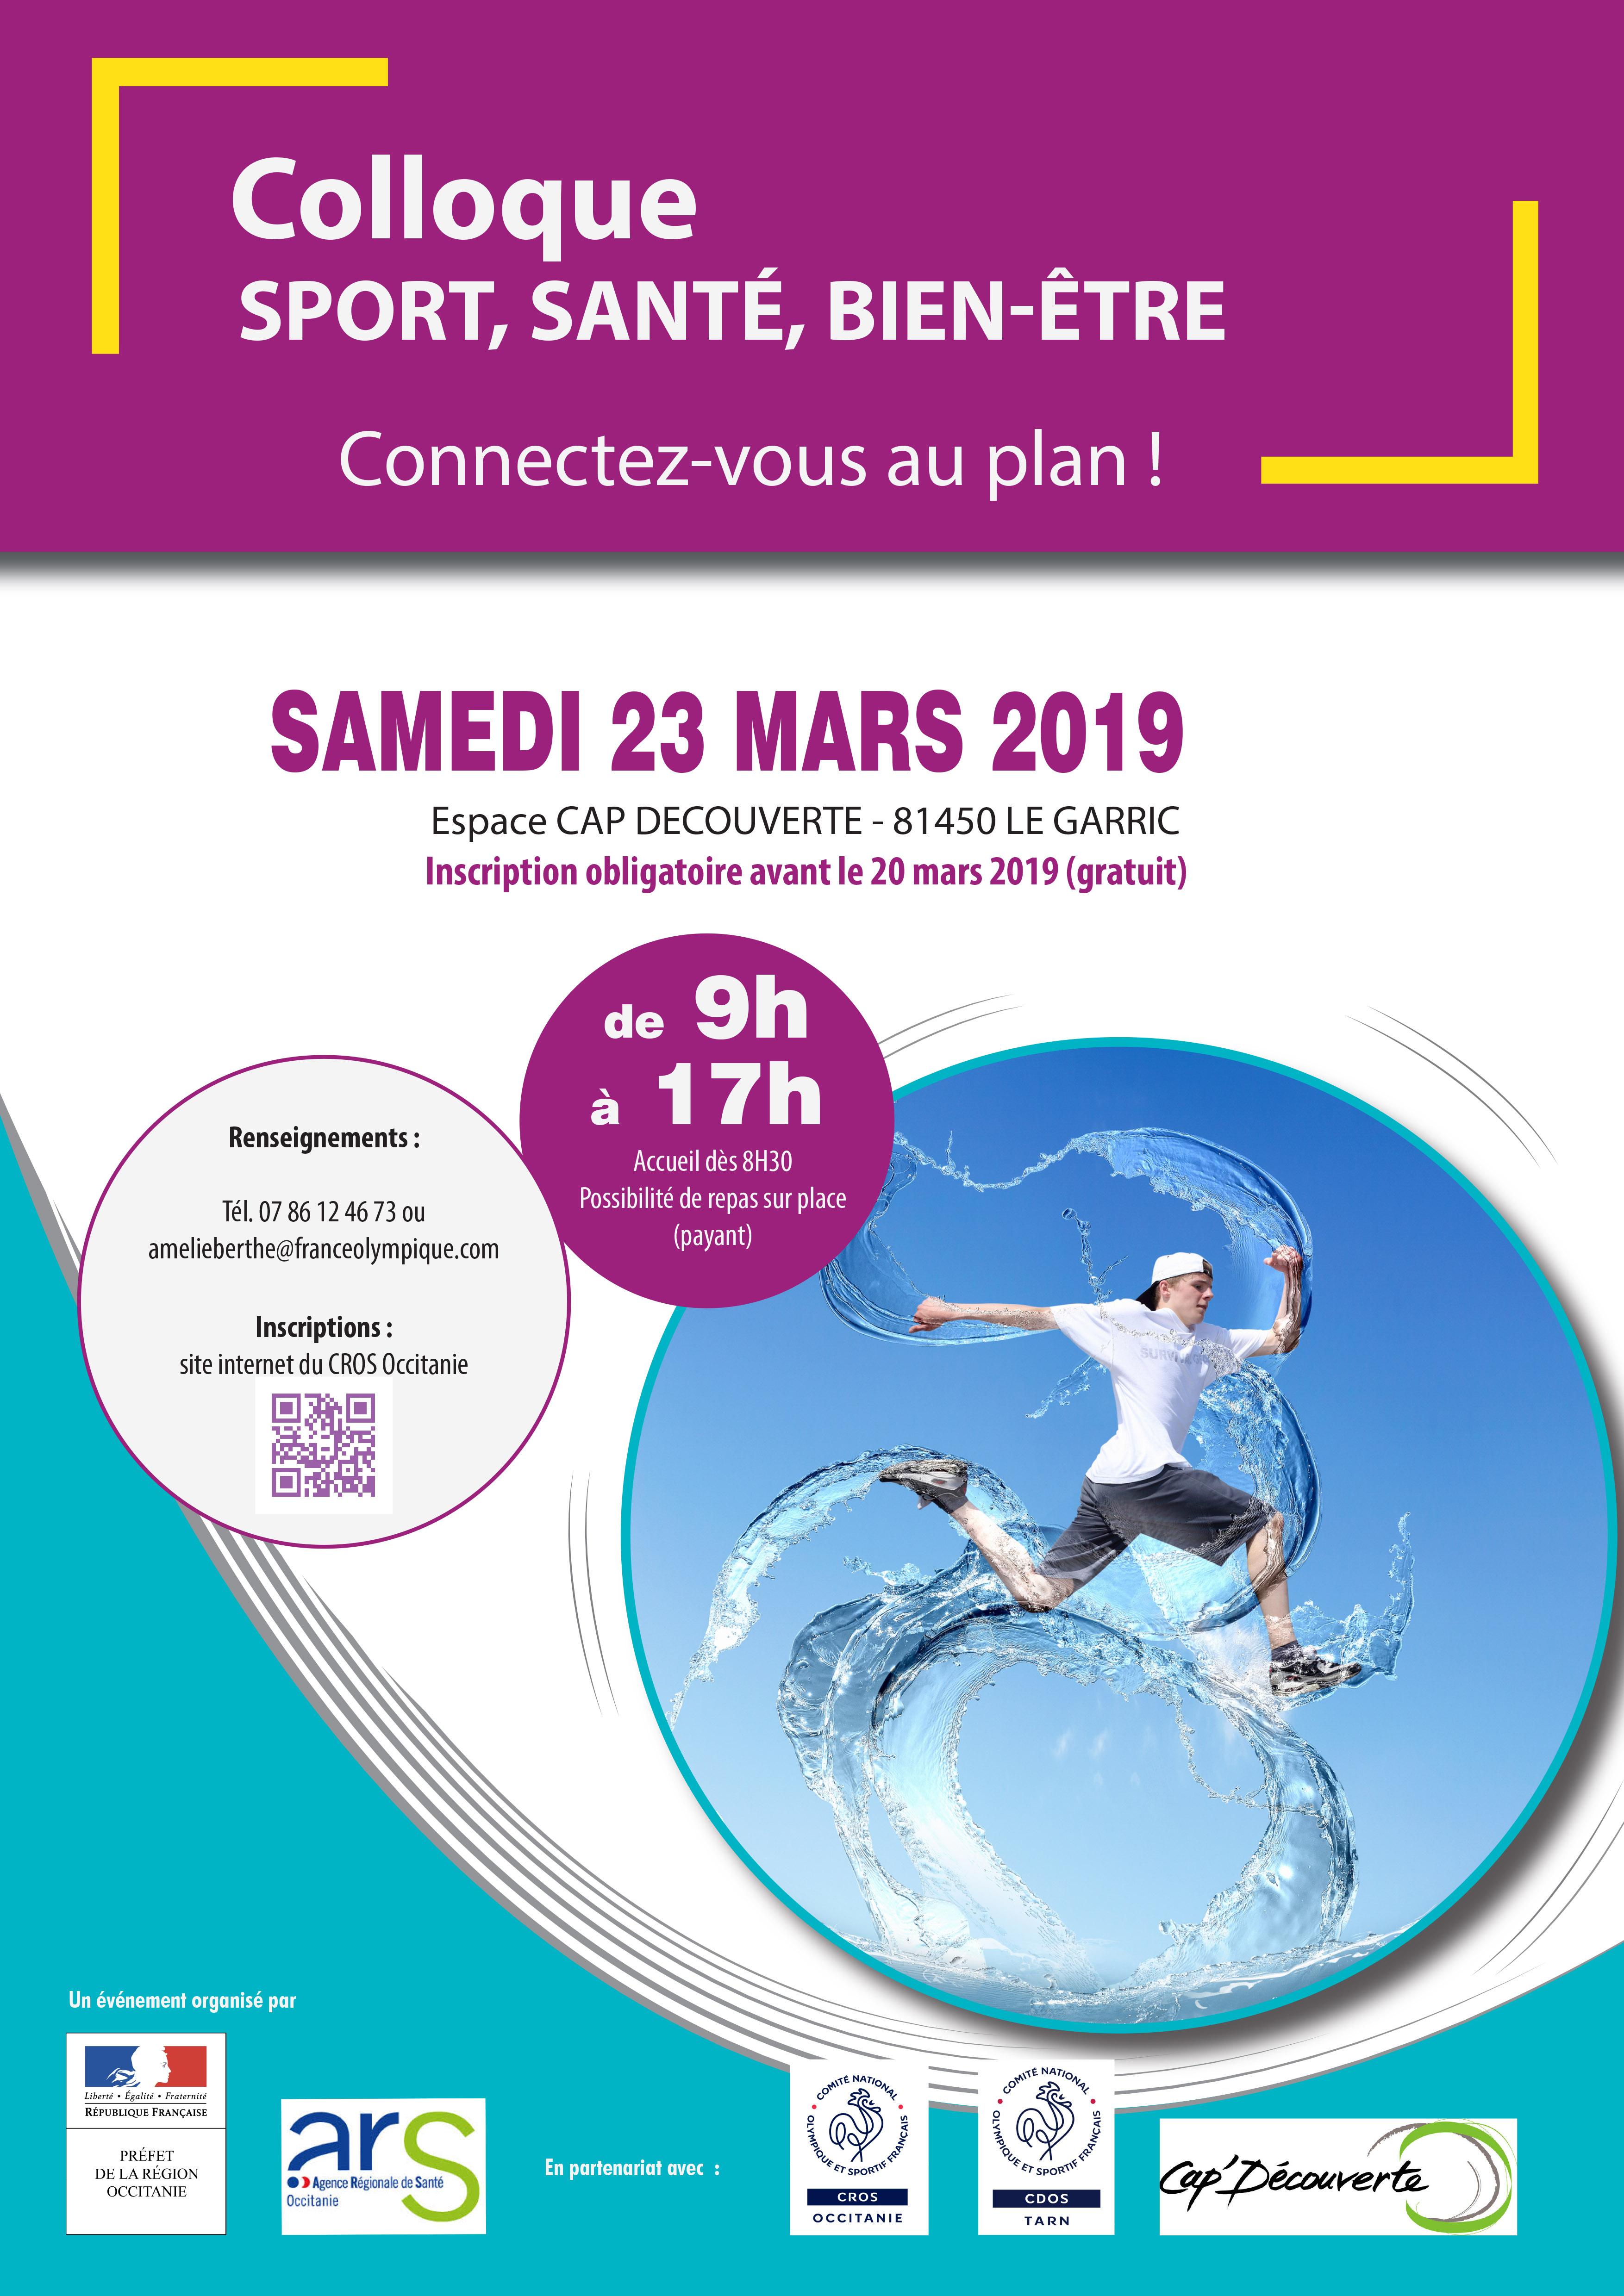 Le CROS Occitanie, sous l'égide de l'ARS Occitanie et de la DRJSCS Occitanie, organise le « Colloque Sport Santé Bien Etre, connectez-vous au plan ».